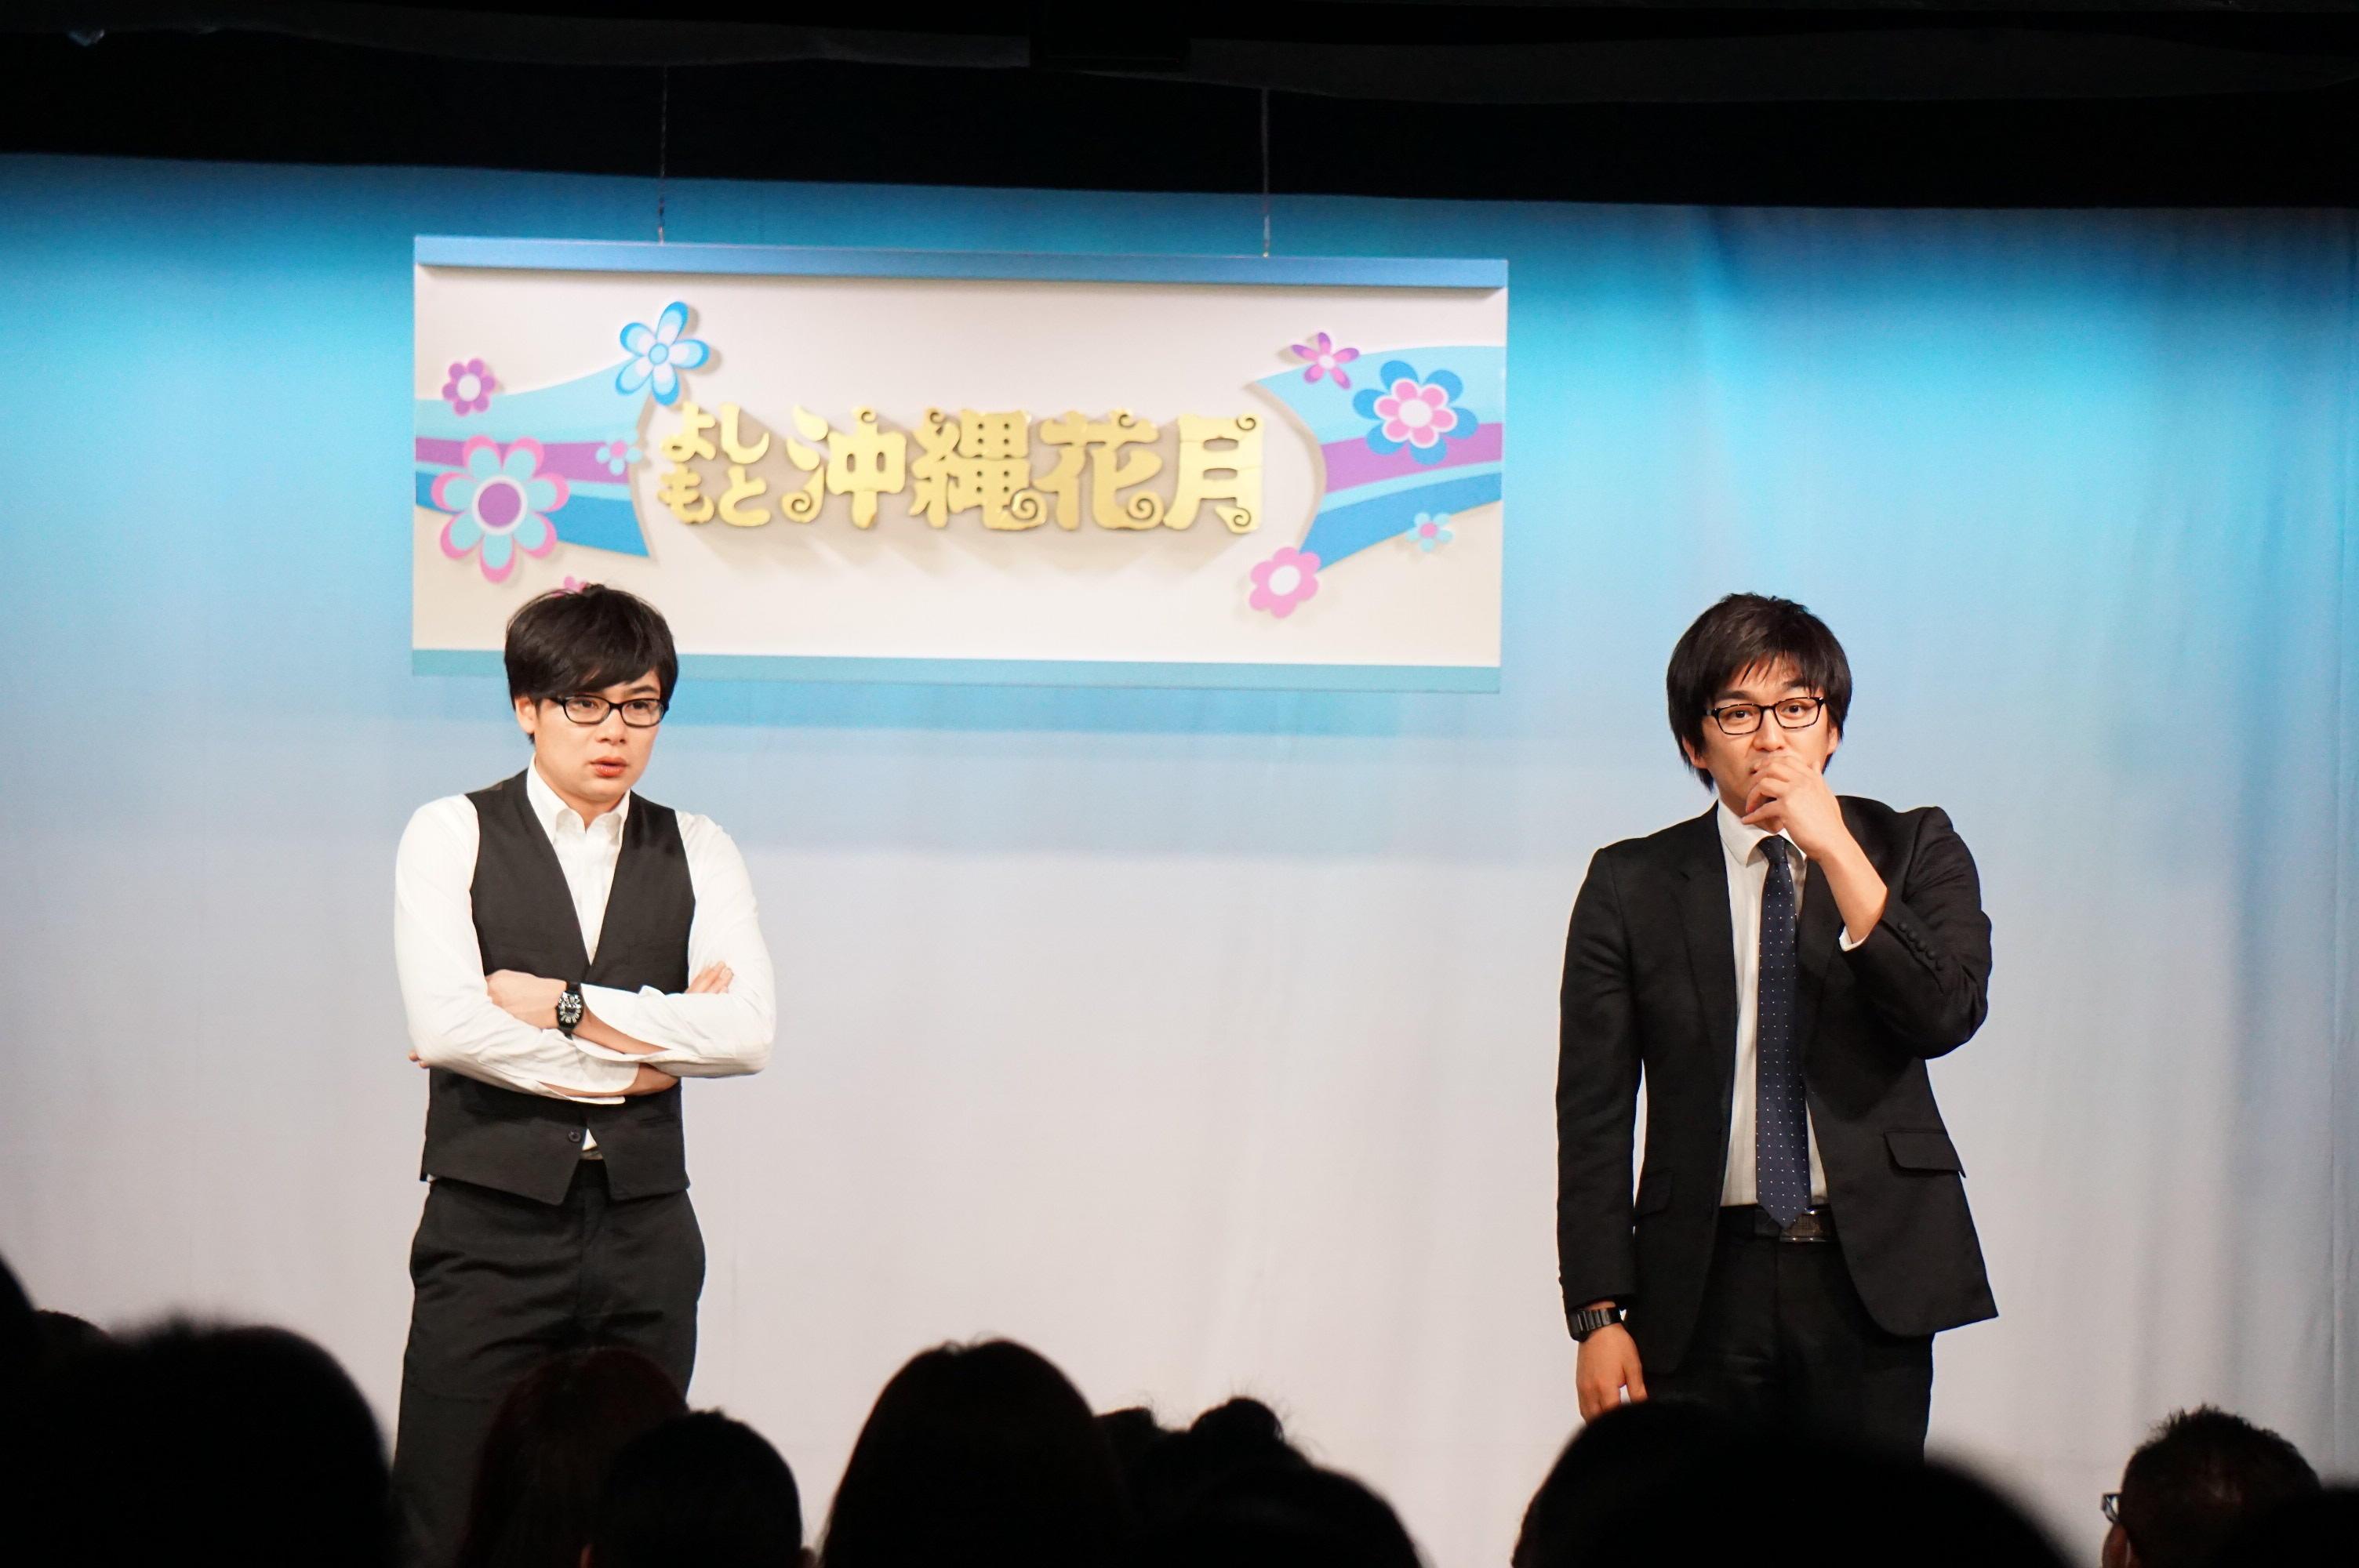 http://news.yoshimoto.co.jp/20151231202338-6cba960f07dd99afb4dfd982ddfc36bb380ef1d8.jpg